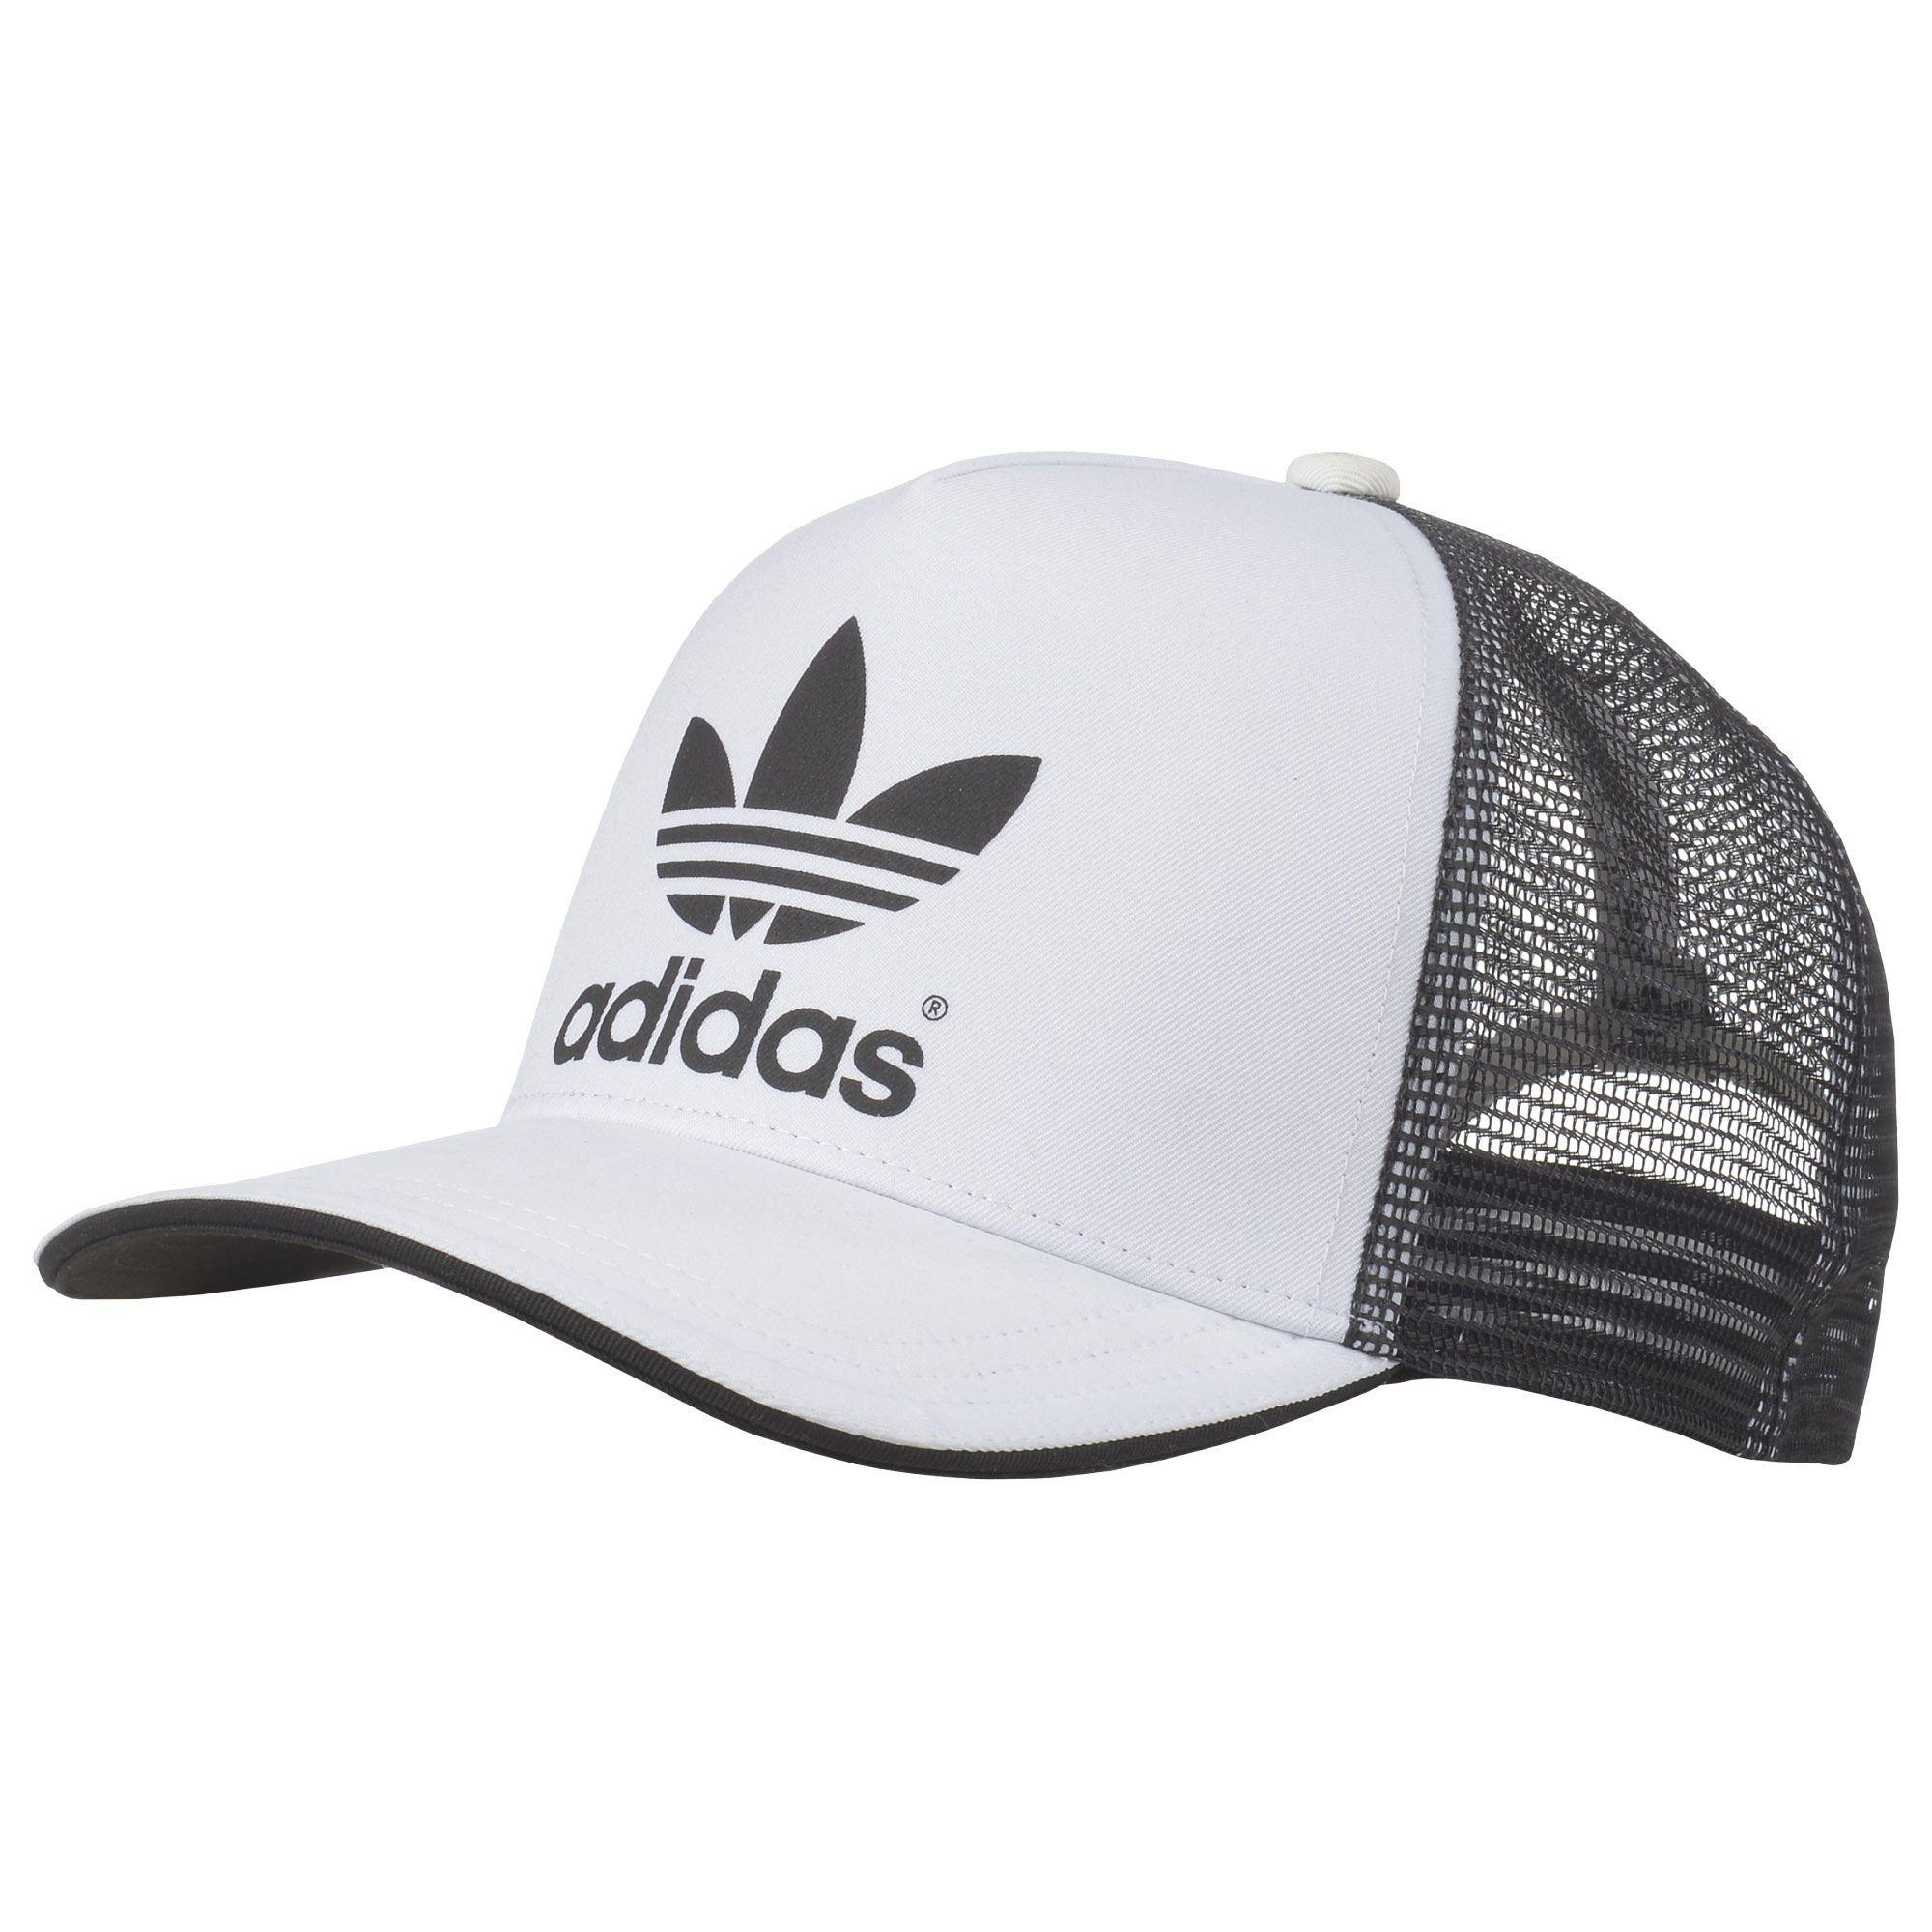 gorras camioneras adidas - Buscar con Google  f14b57462b9